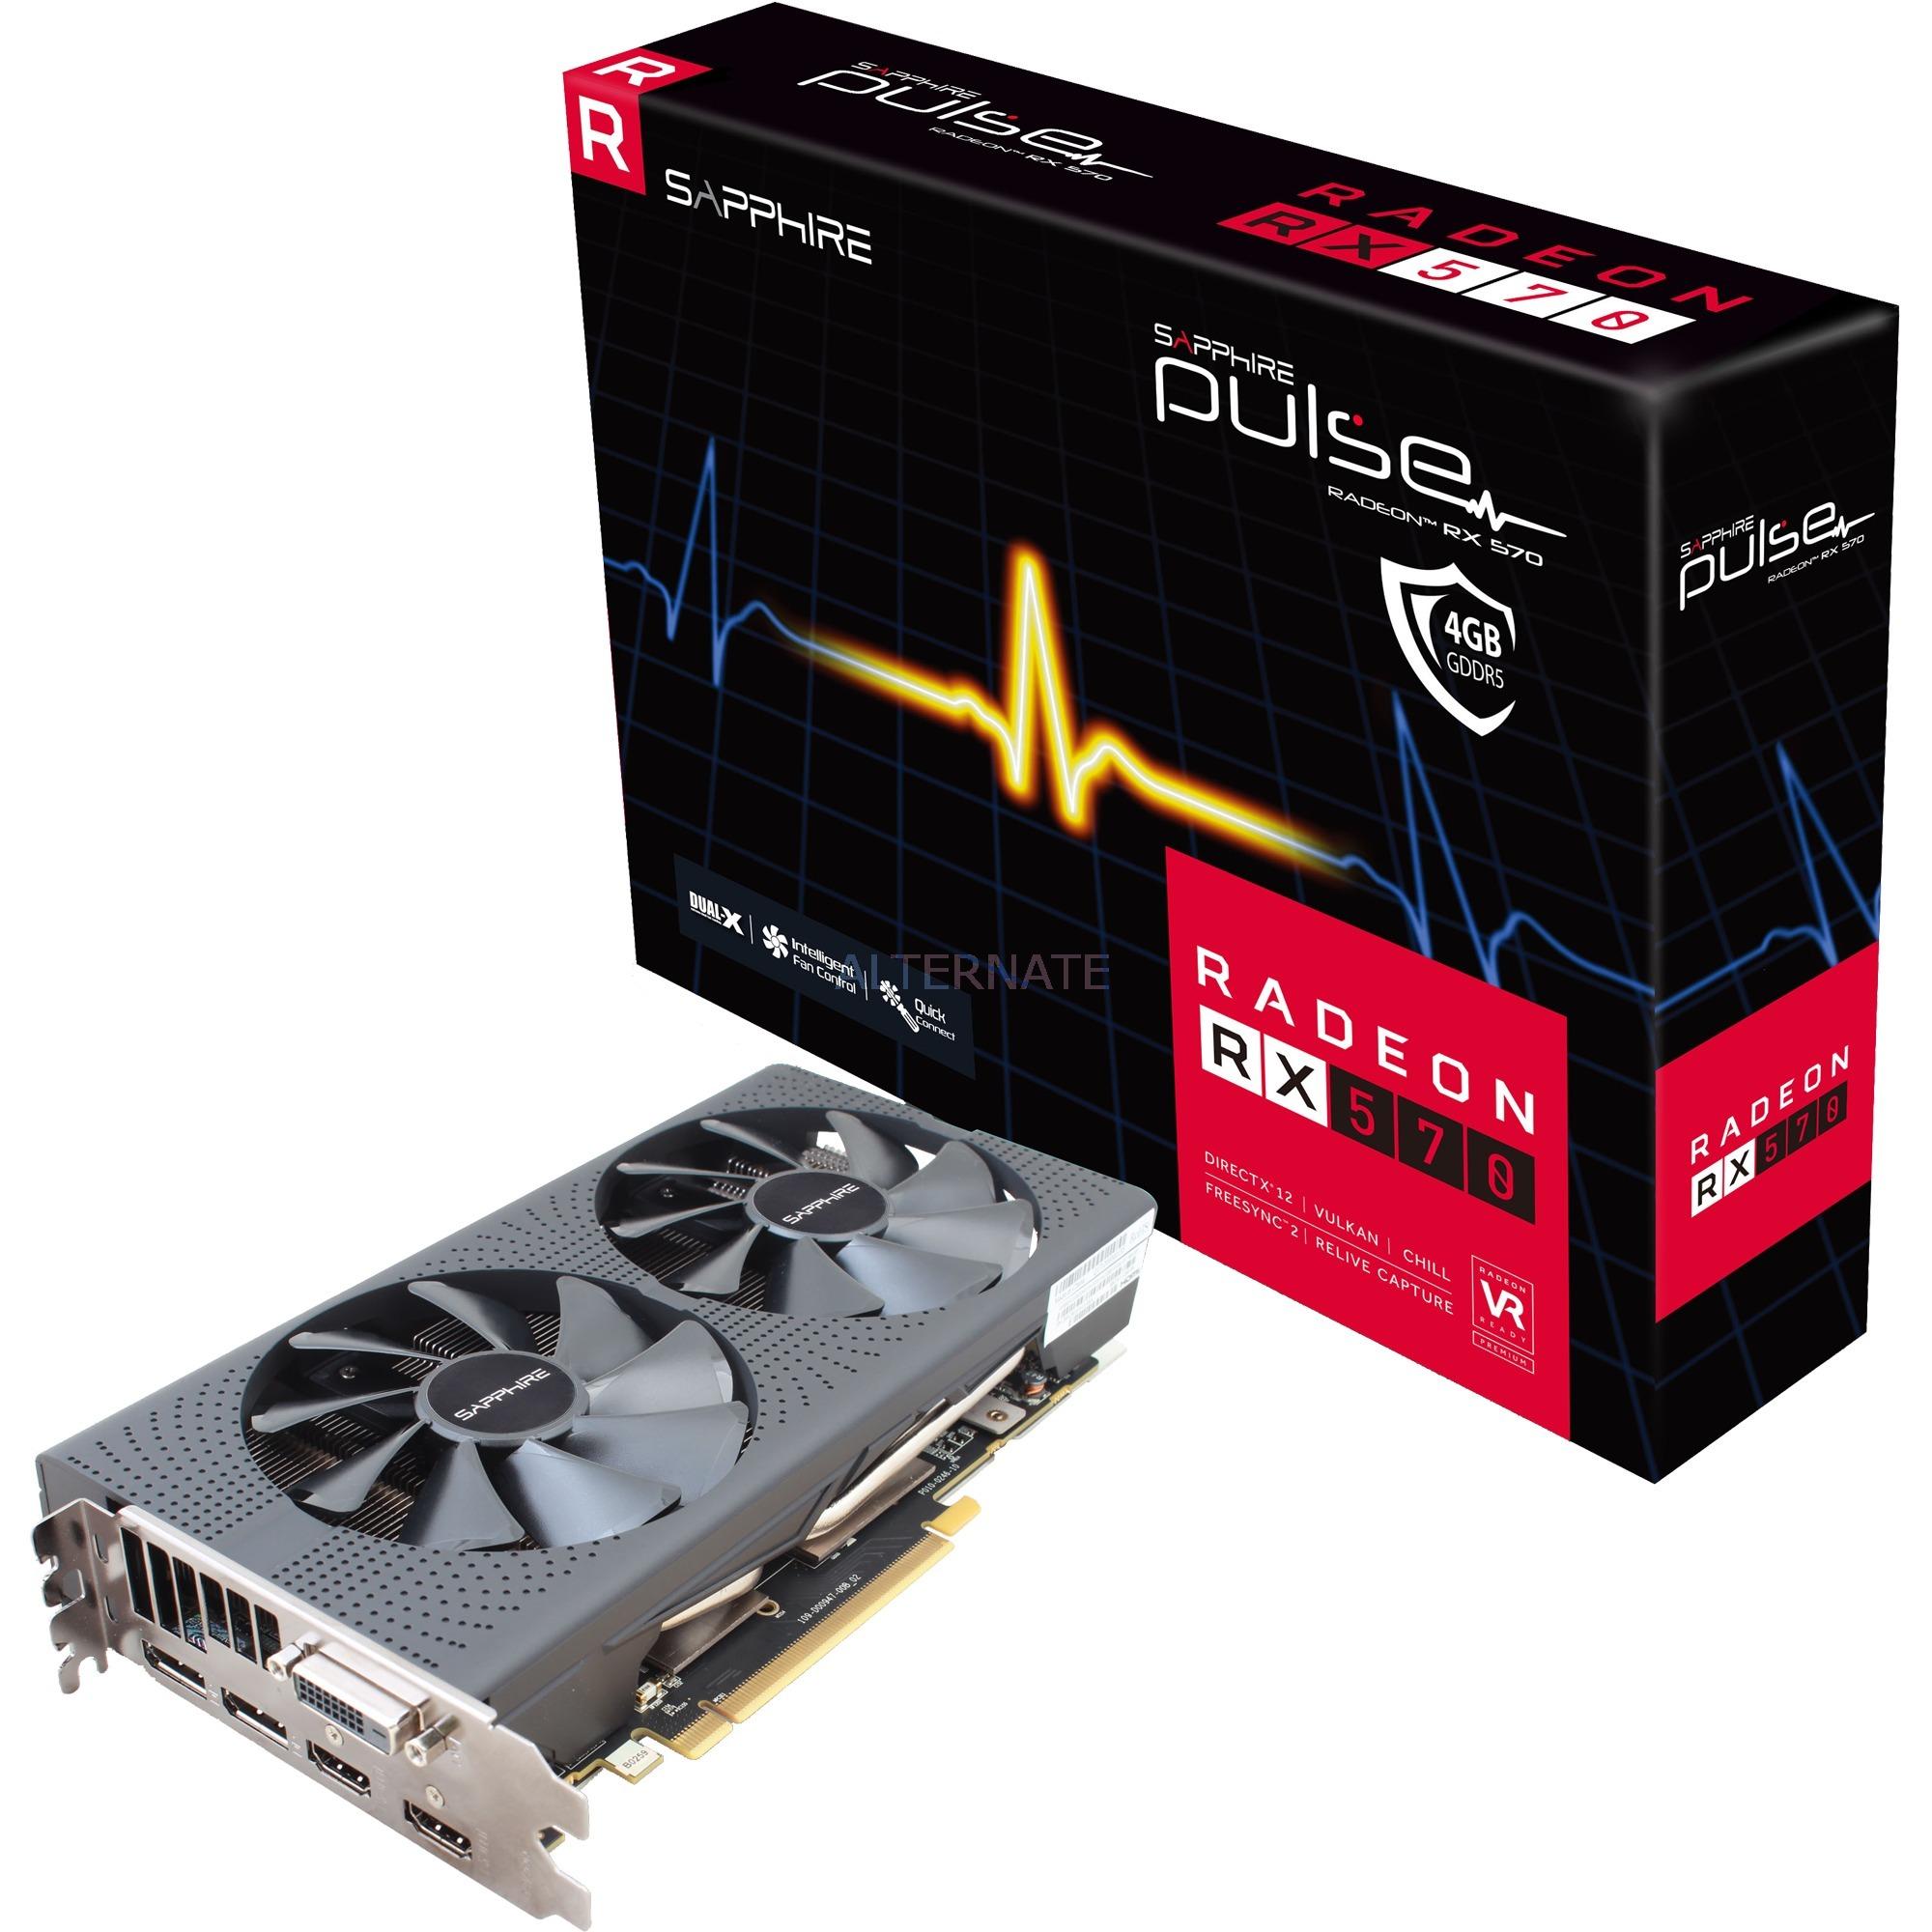 RADEON RX 570 4GB GDDR5 PULSE Radeon RX 570 4GB GDDR5, Tarjeta gráfica